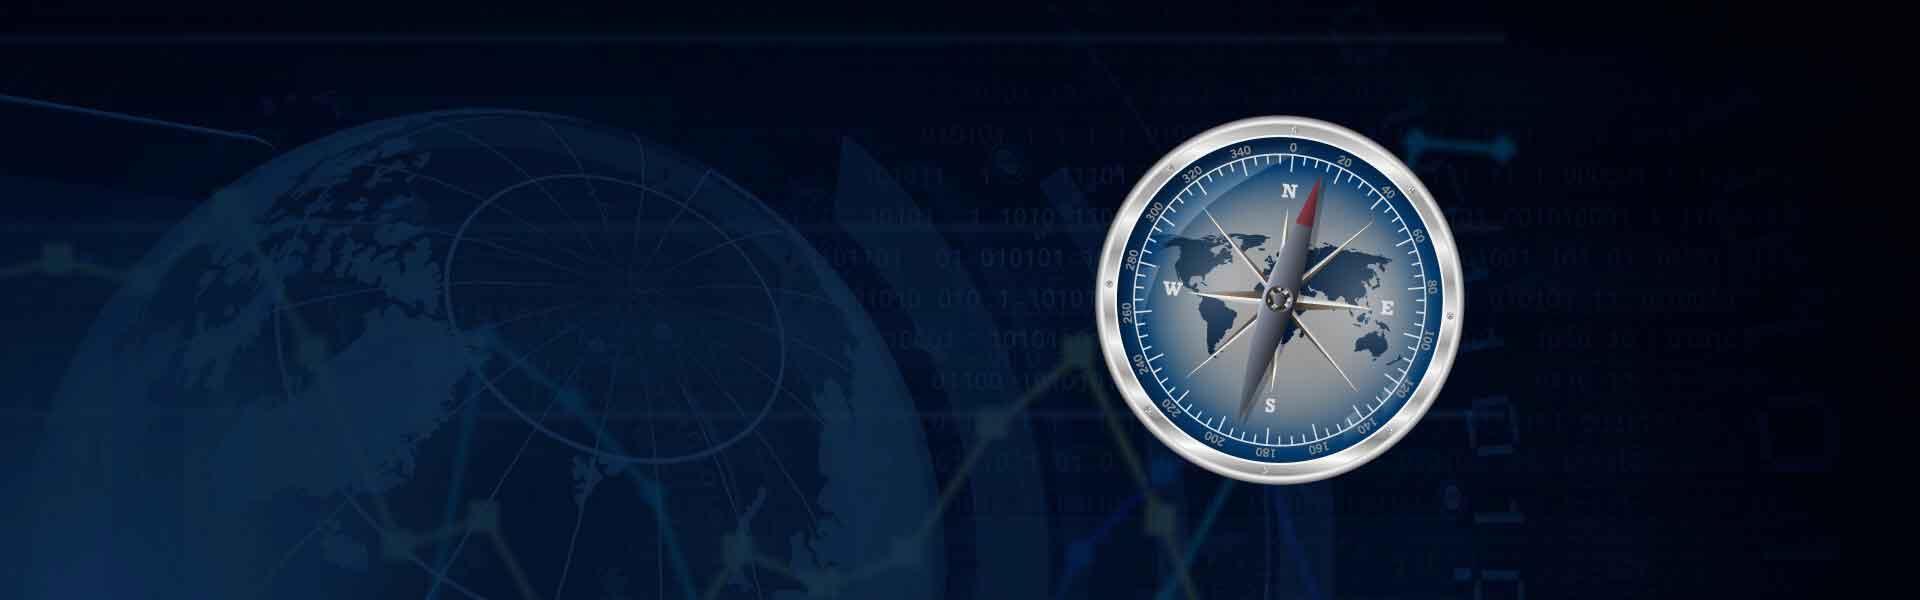 CREDITFIN - Servizi di Consulenza Finanziaria di Michele Martinelli: prodotti azienda